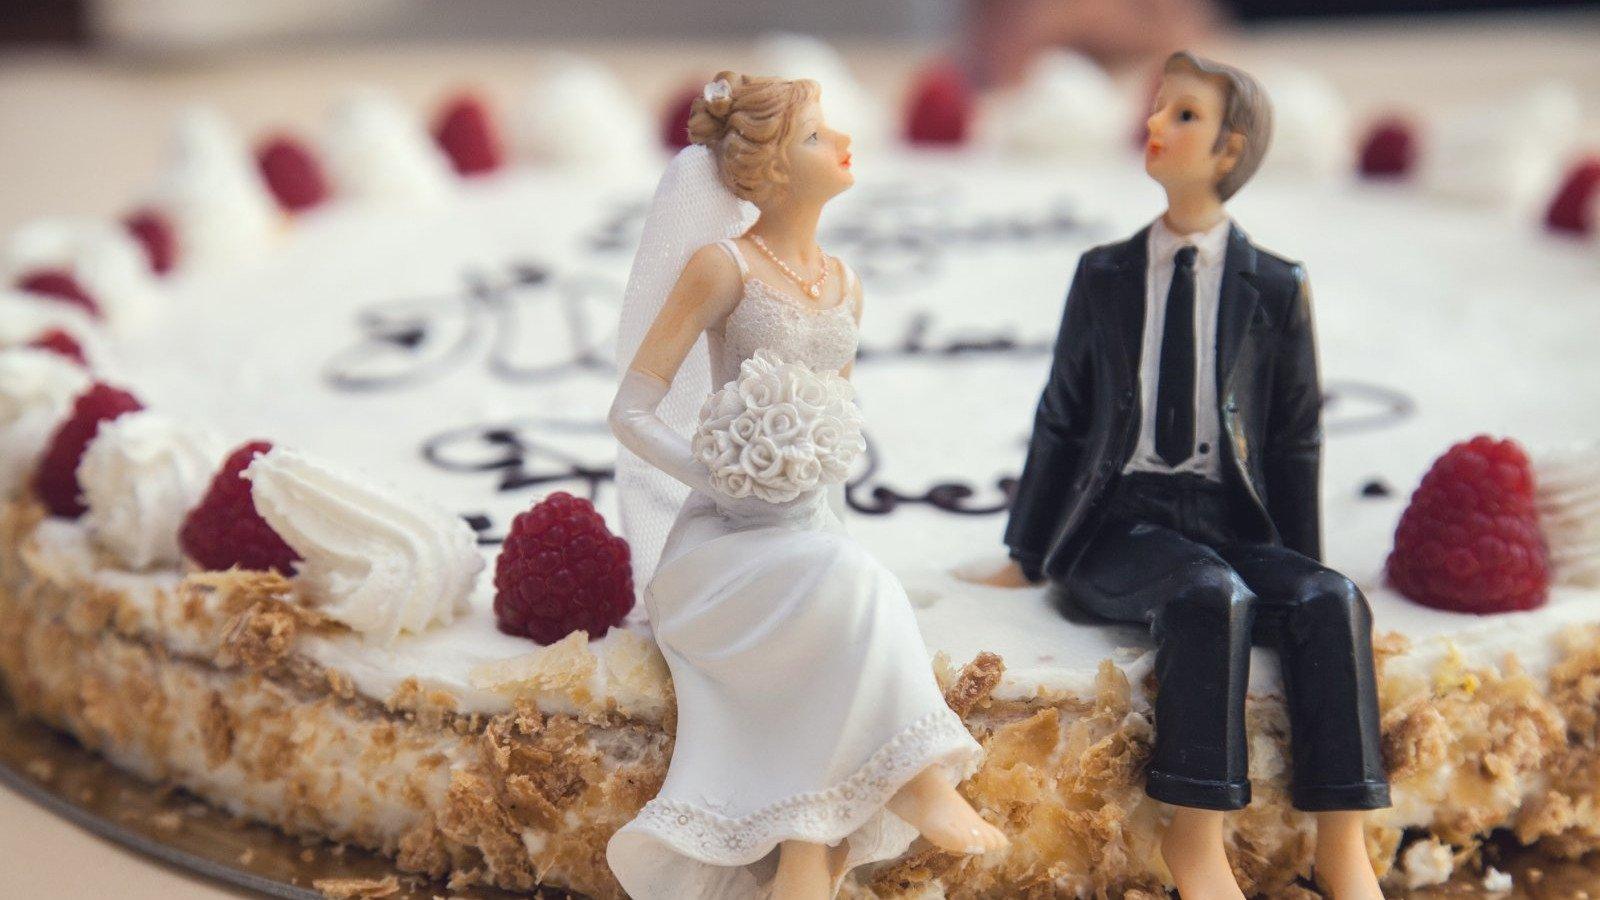 Pide una tarta pequeña y opta por pequeños postres para los invitados.